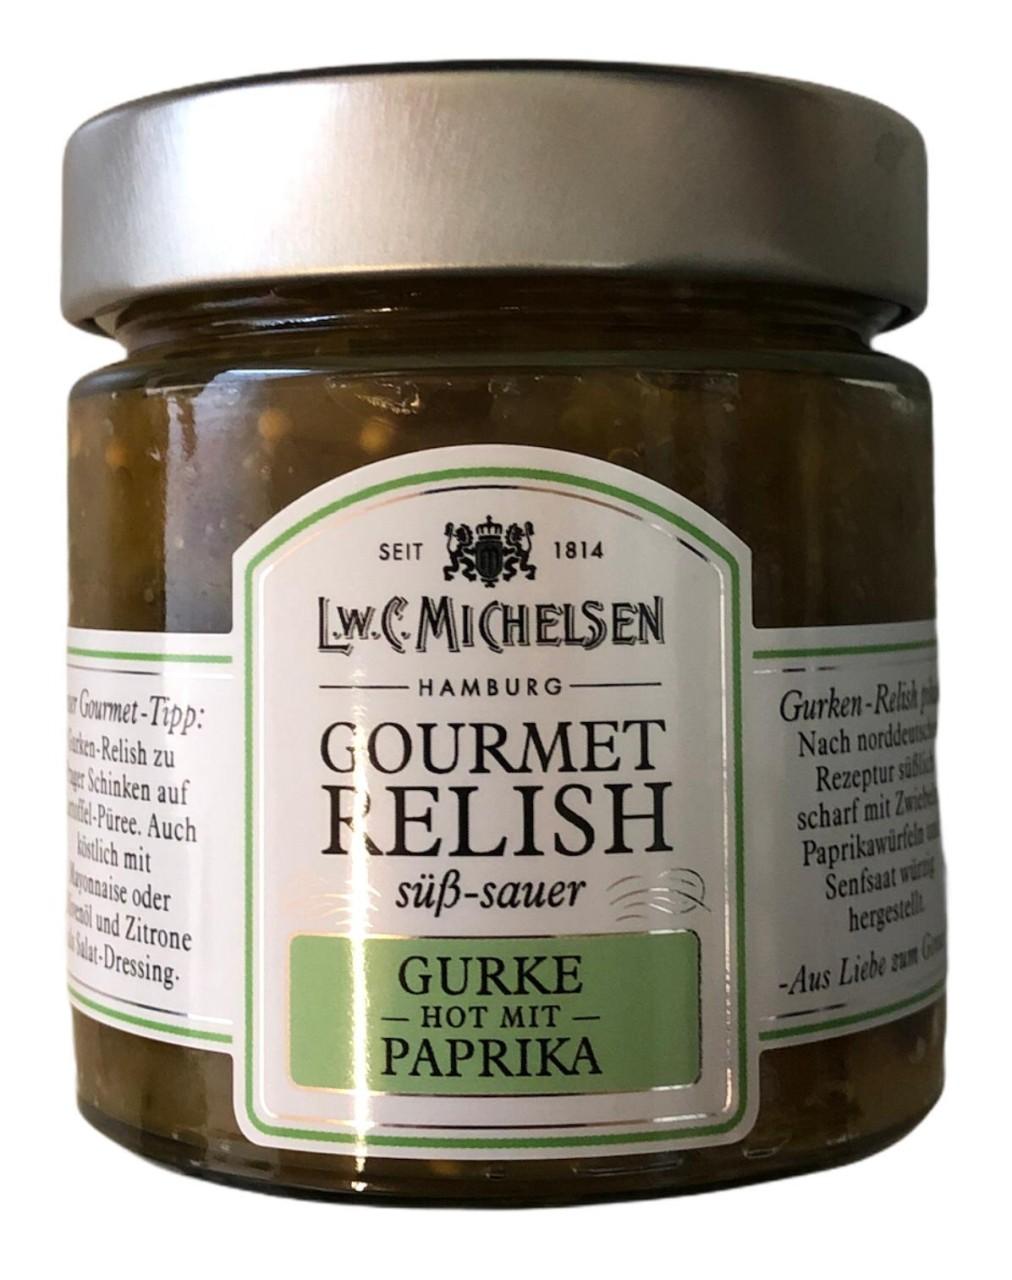 L.W.C. Michelsen Gourmet Relish Gurke-Paprika -süß sauer- 215g